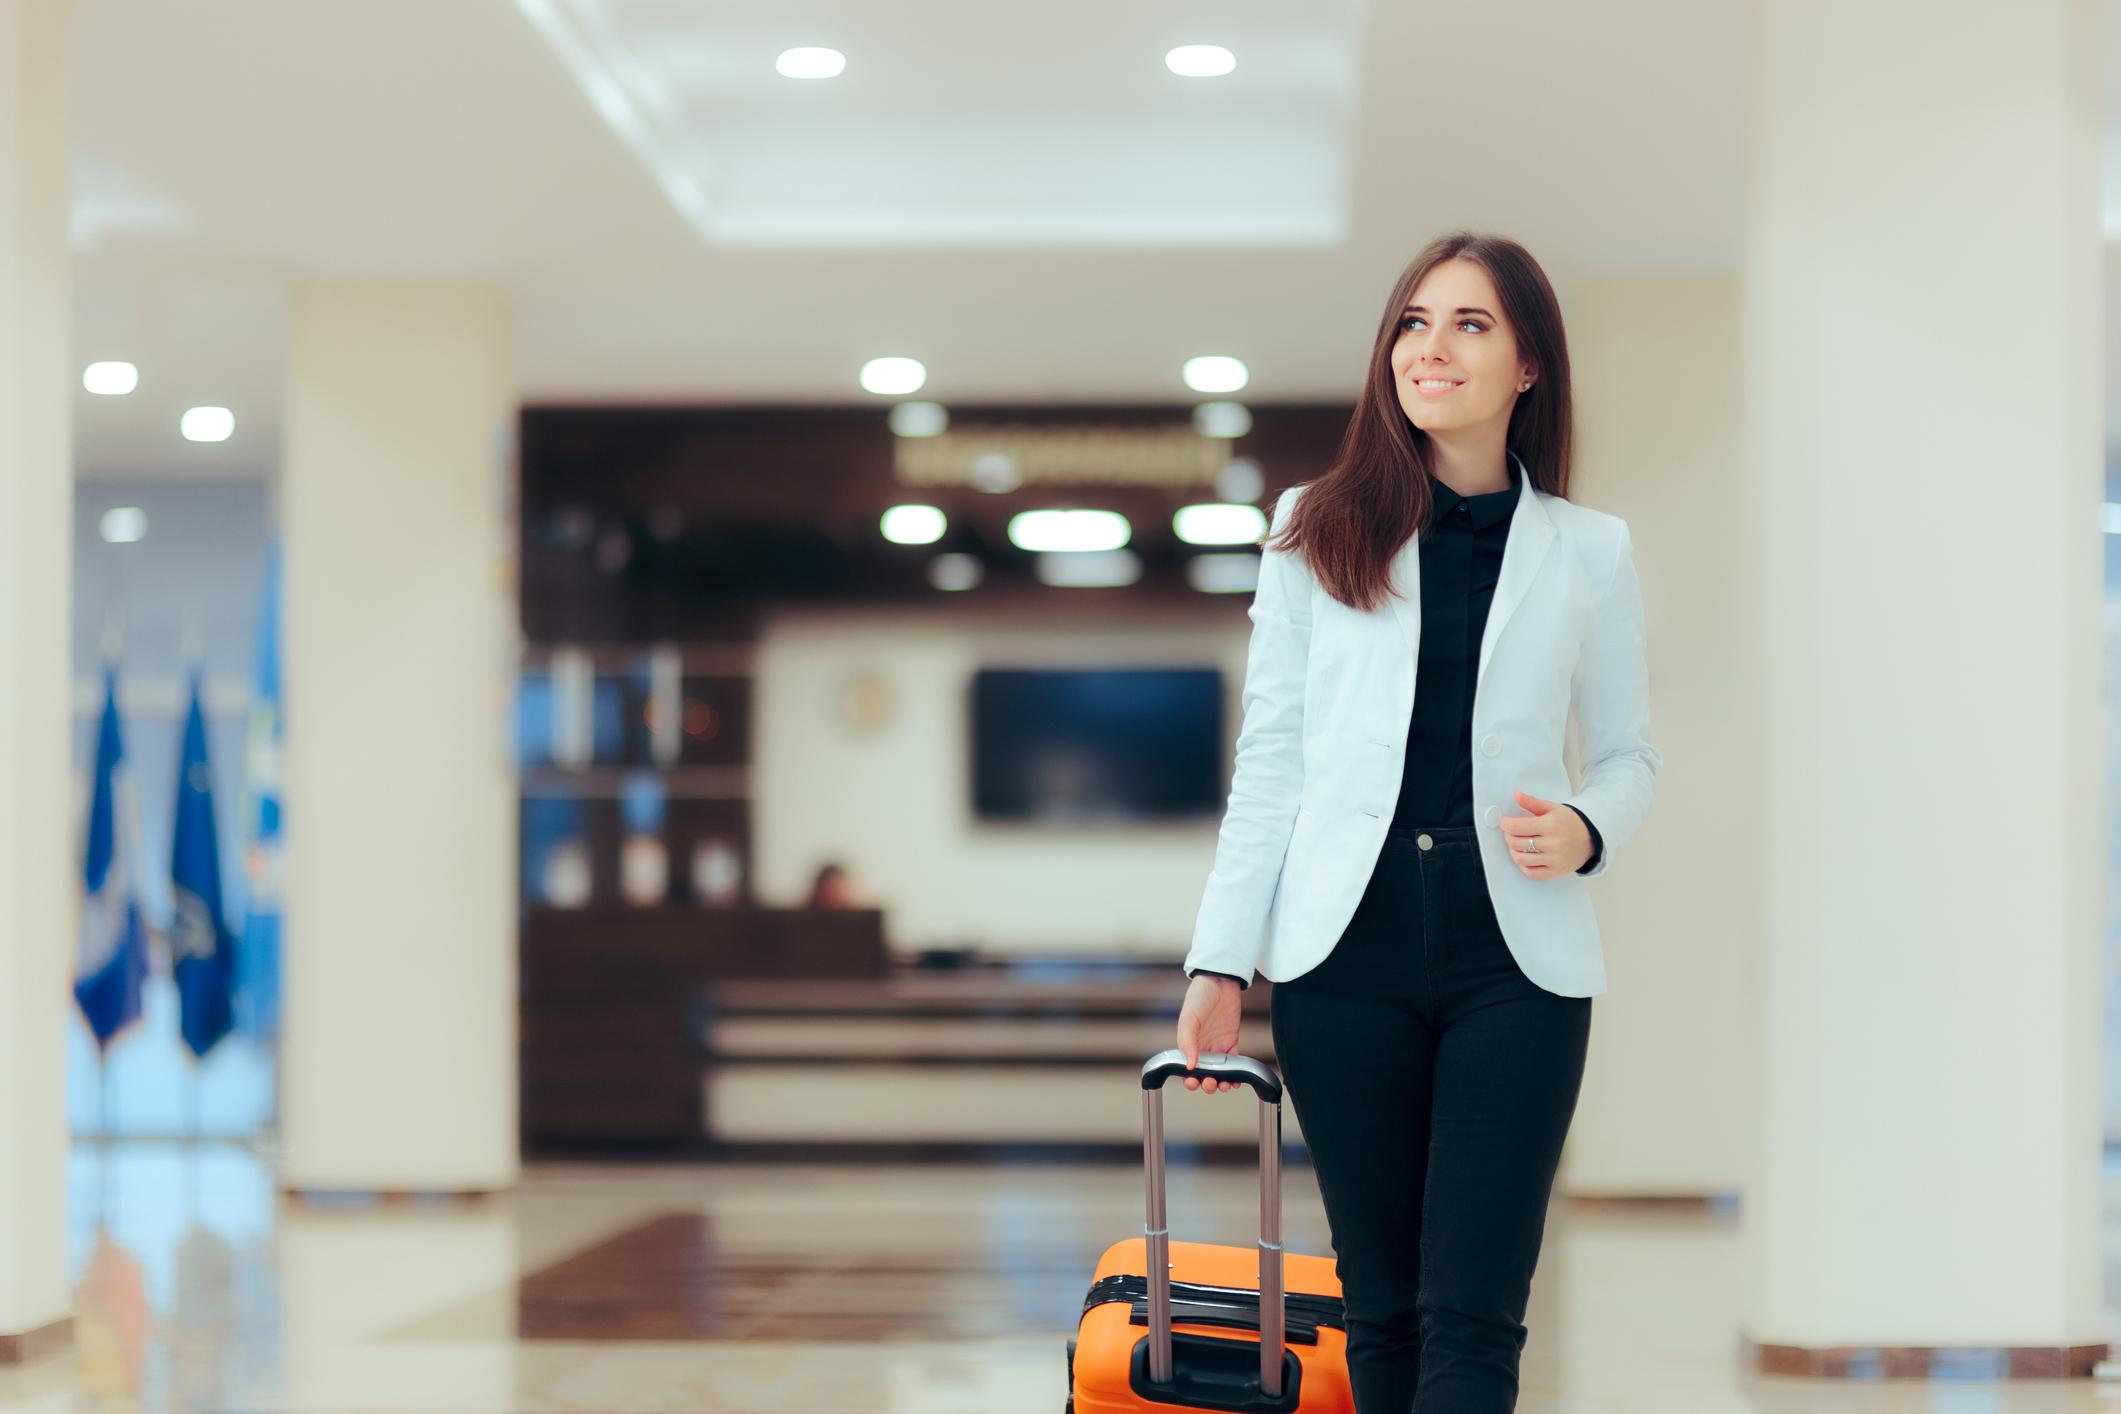 Woman walking through hotel lobby